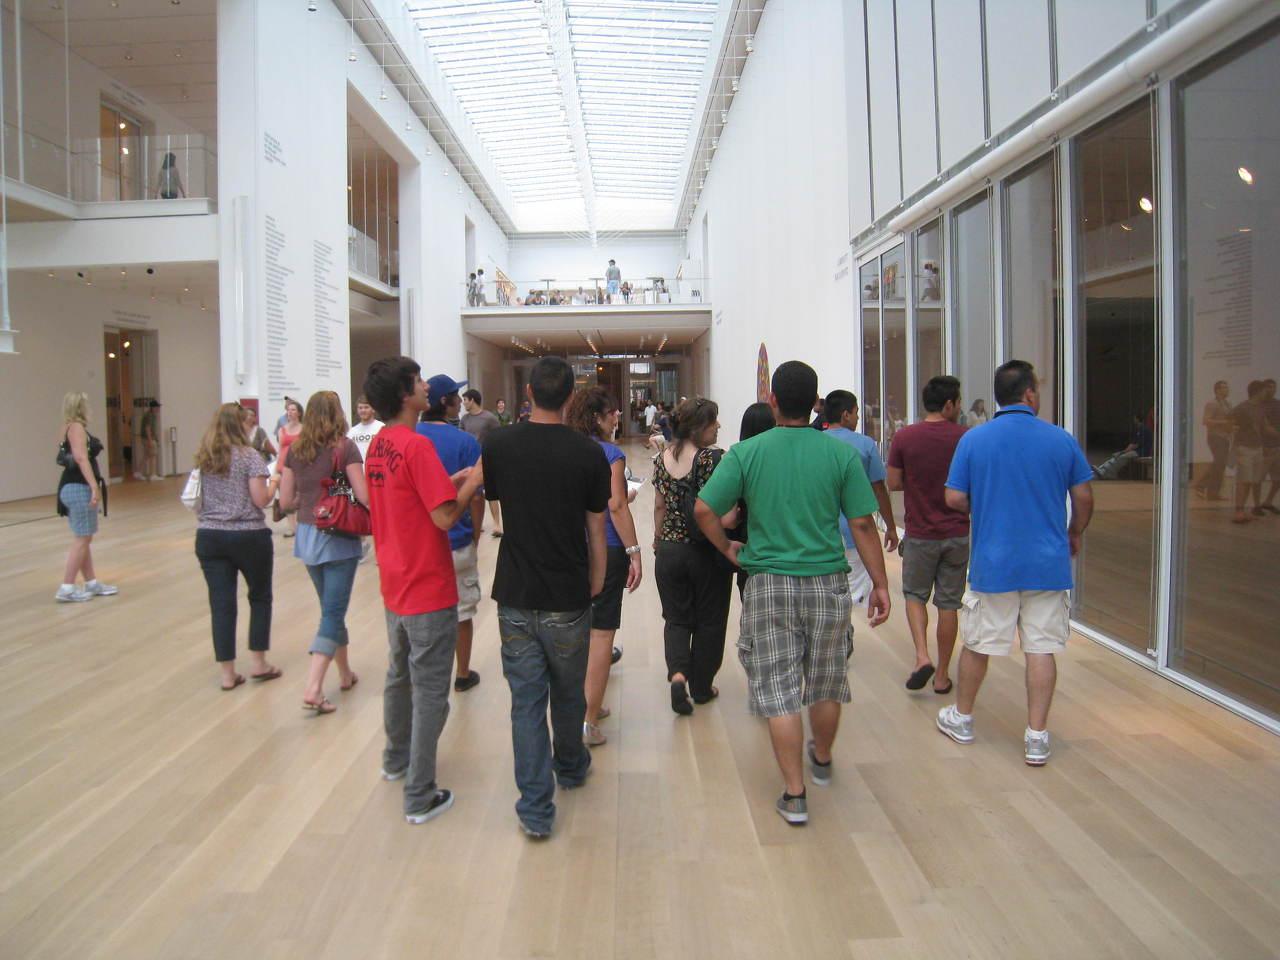 Art Institute, Chicago, IL